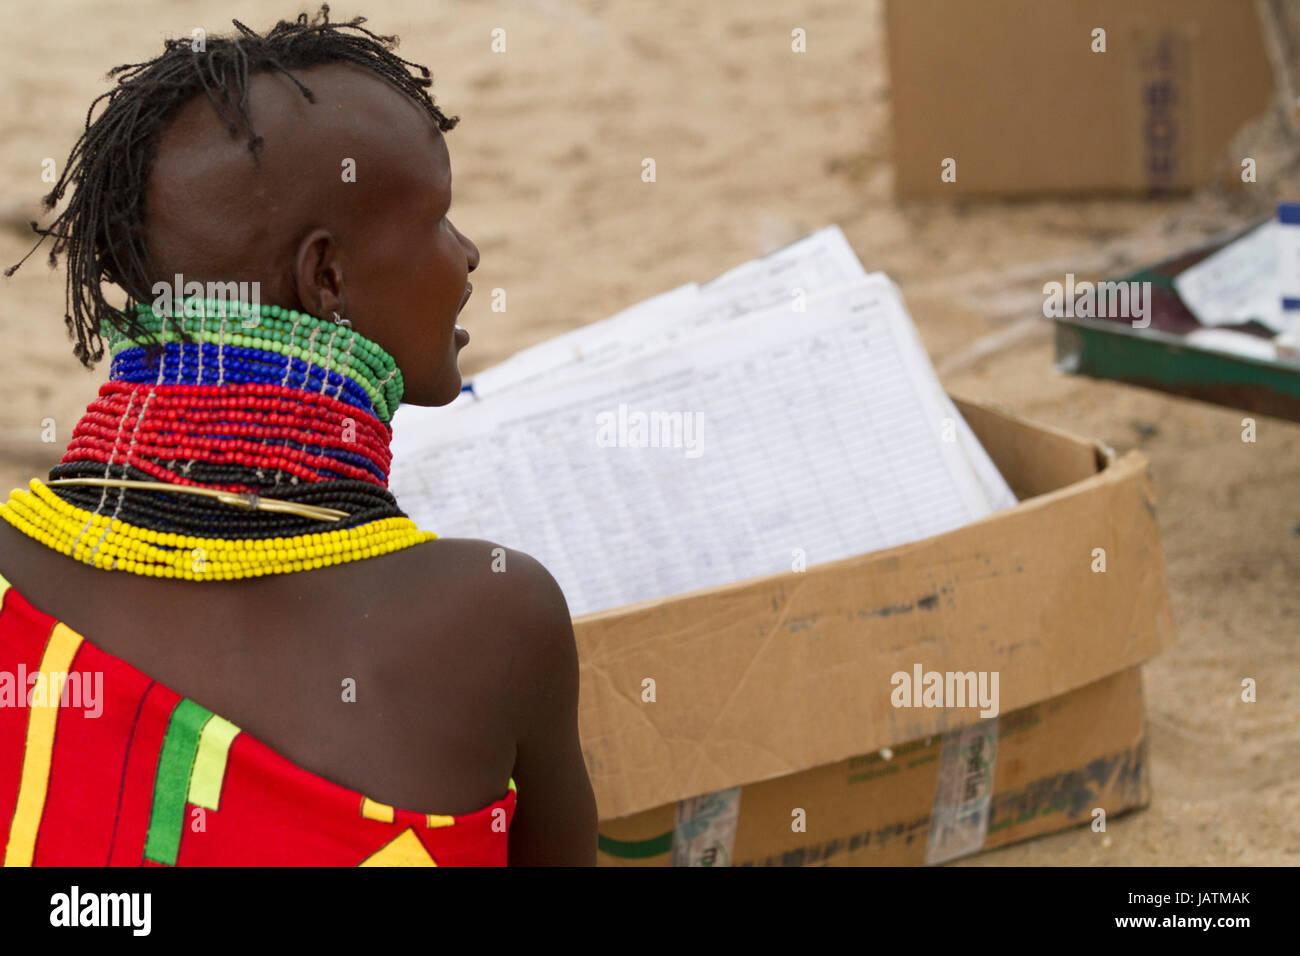 A woman attending a maternal health clinic, Turkana, Kenya - Stock Image